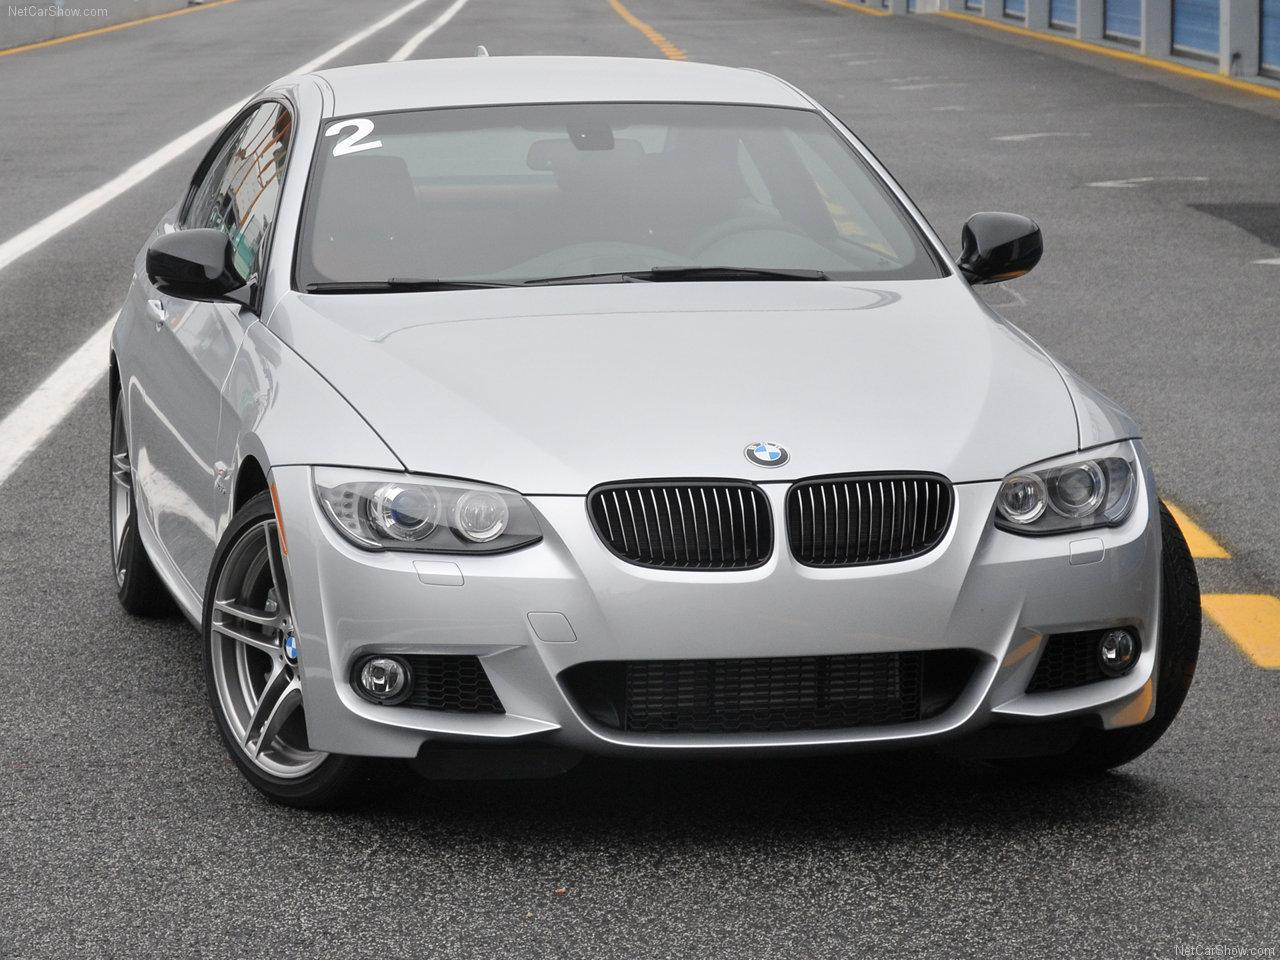 http://2.bp.blogspot.com/_Uo4WUJnySi8/S9cB6kXiZjI/AAAAAAAAAGo/__UYlf6KU6Y/s1600/BMW-335is_Coupe_2011_1280x960_wallpaper_10.jpg